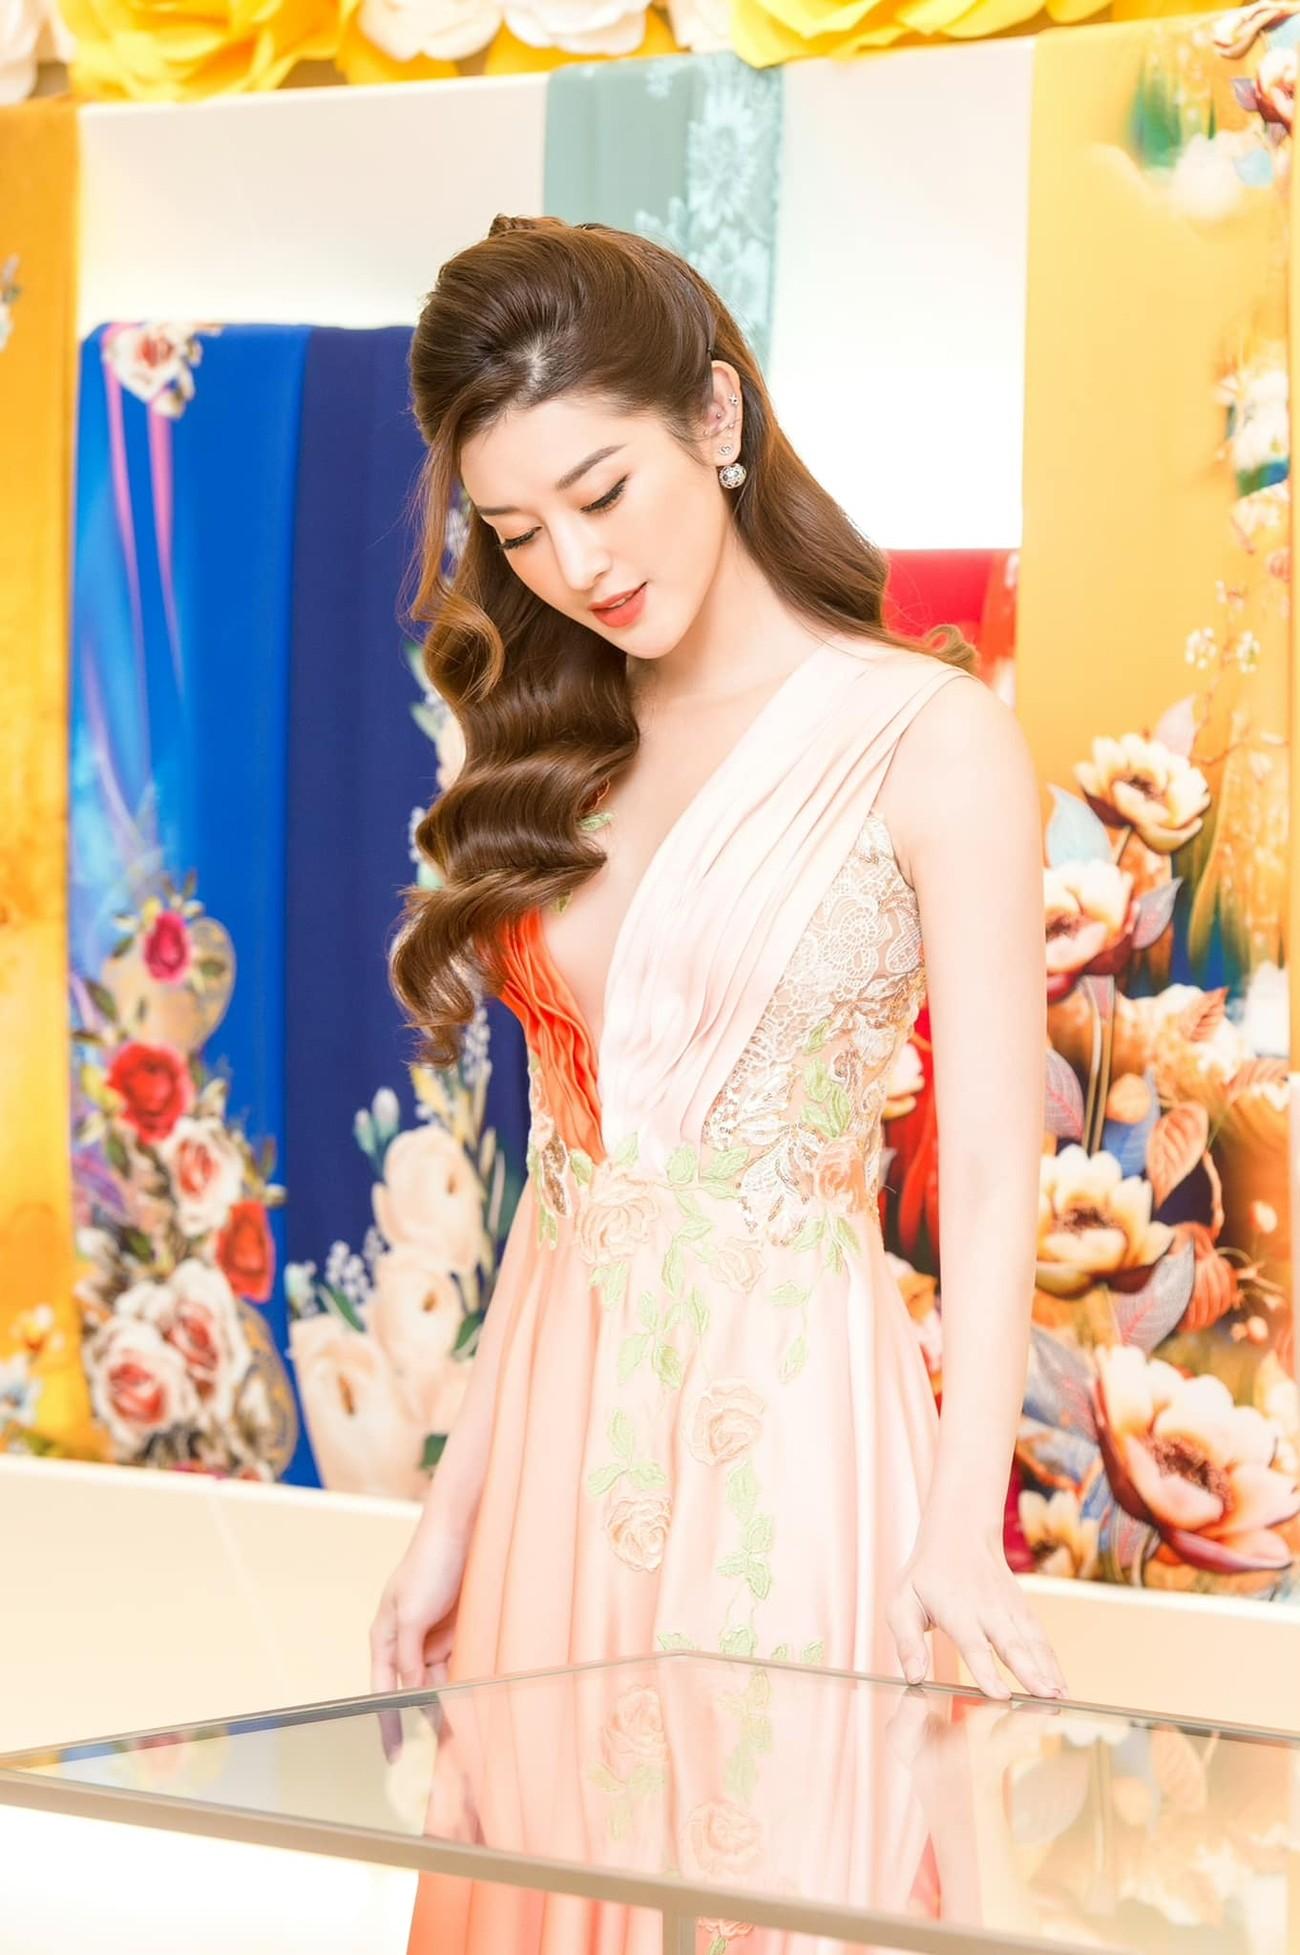 Đỗ Thị Hà mặc sơ-mi trắng giản dị xinh đẹp, Đặng Thu Thảo quyến rũ với váy lệch vai ảnh 9